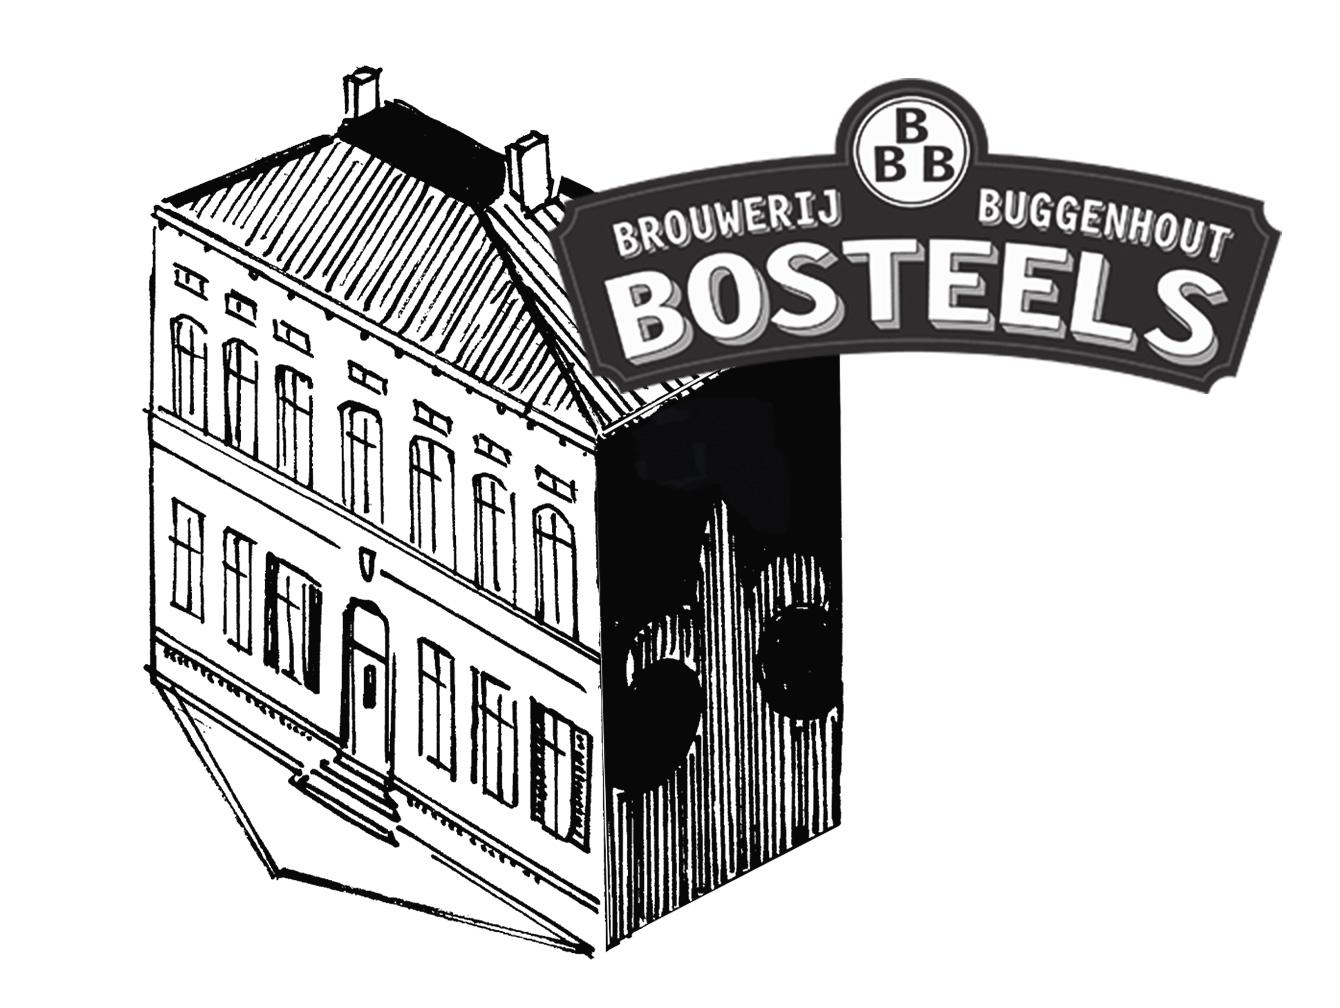 The Brewery Brasserie Bosteels